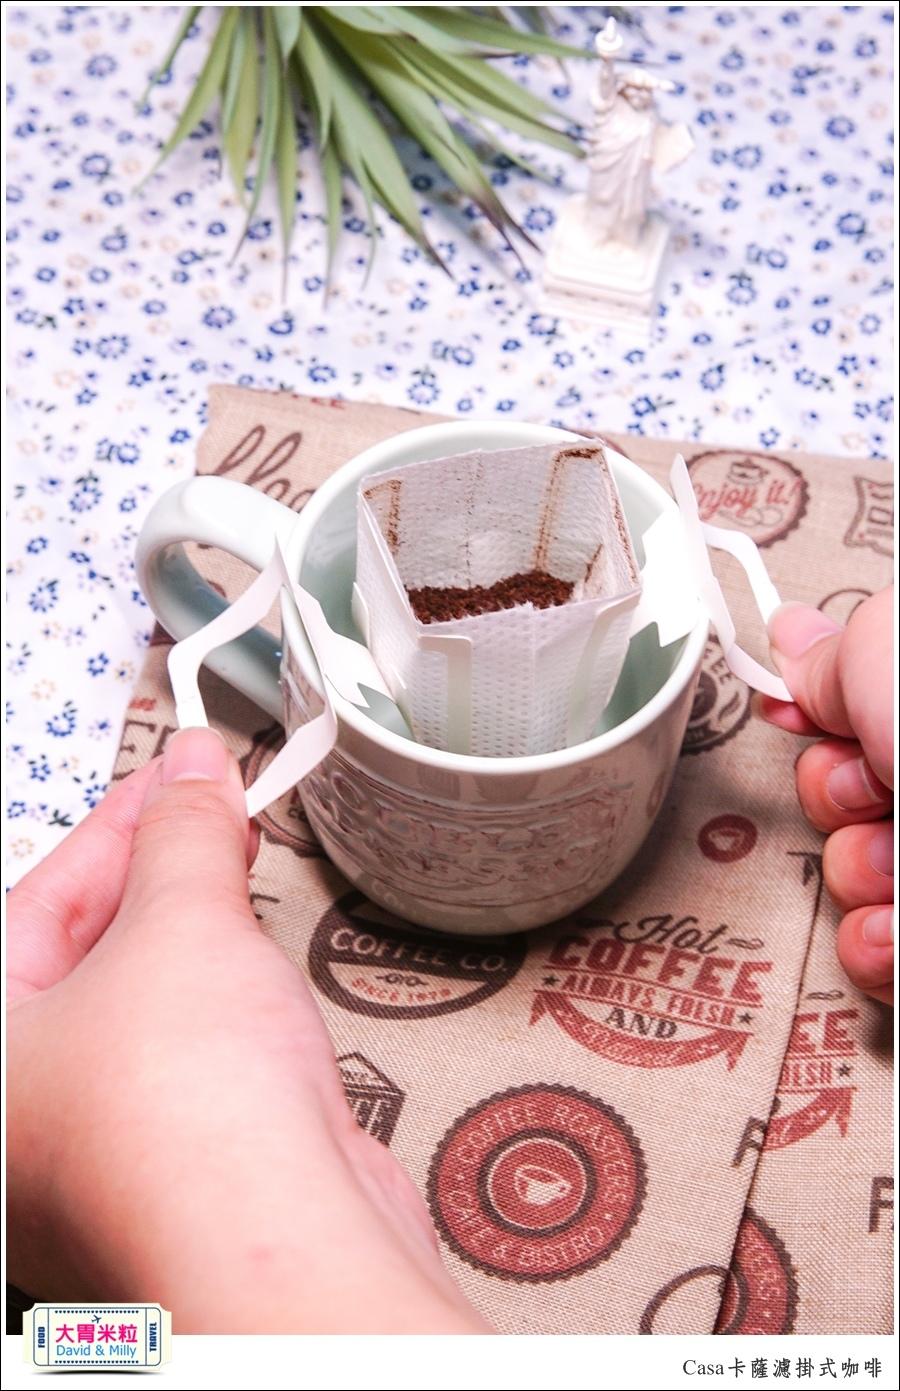 CASA卡薩濾掛式咖啡推薦-耶加雪菲咖啡@大胃米粒0008.jpg